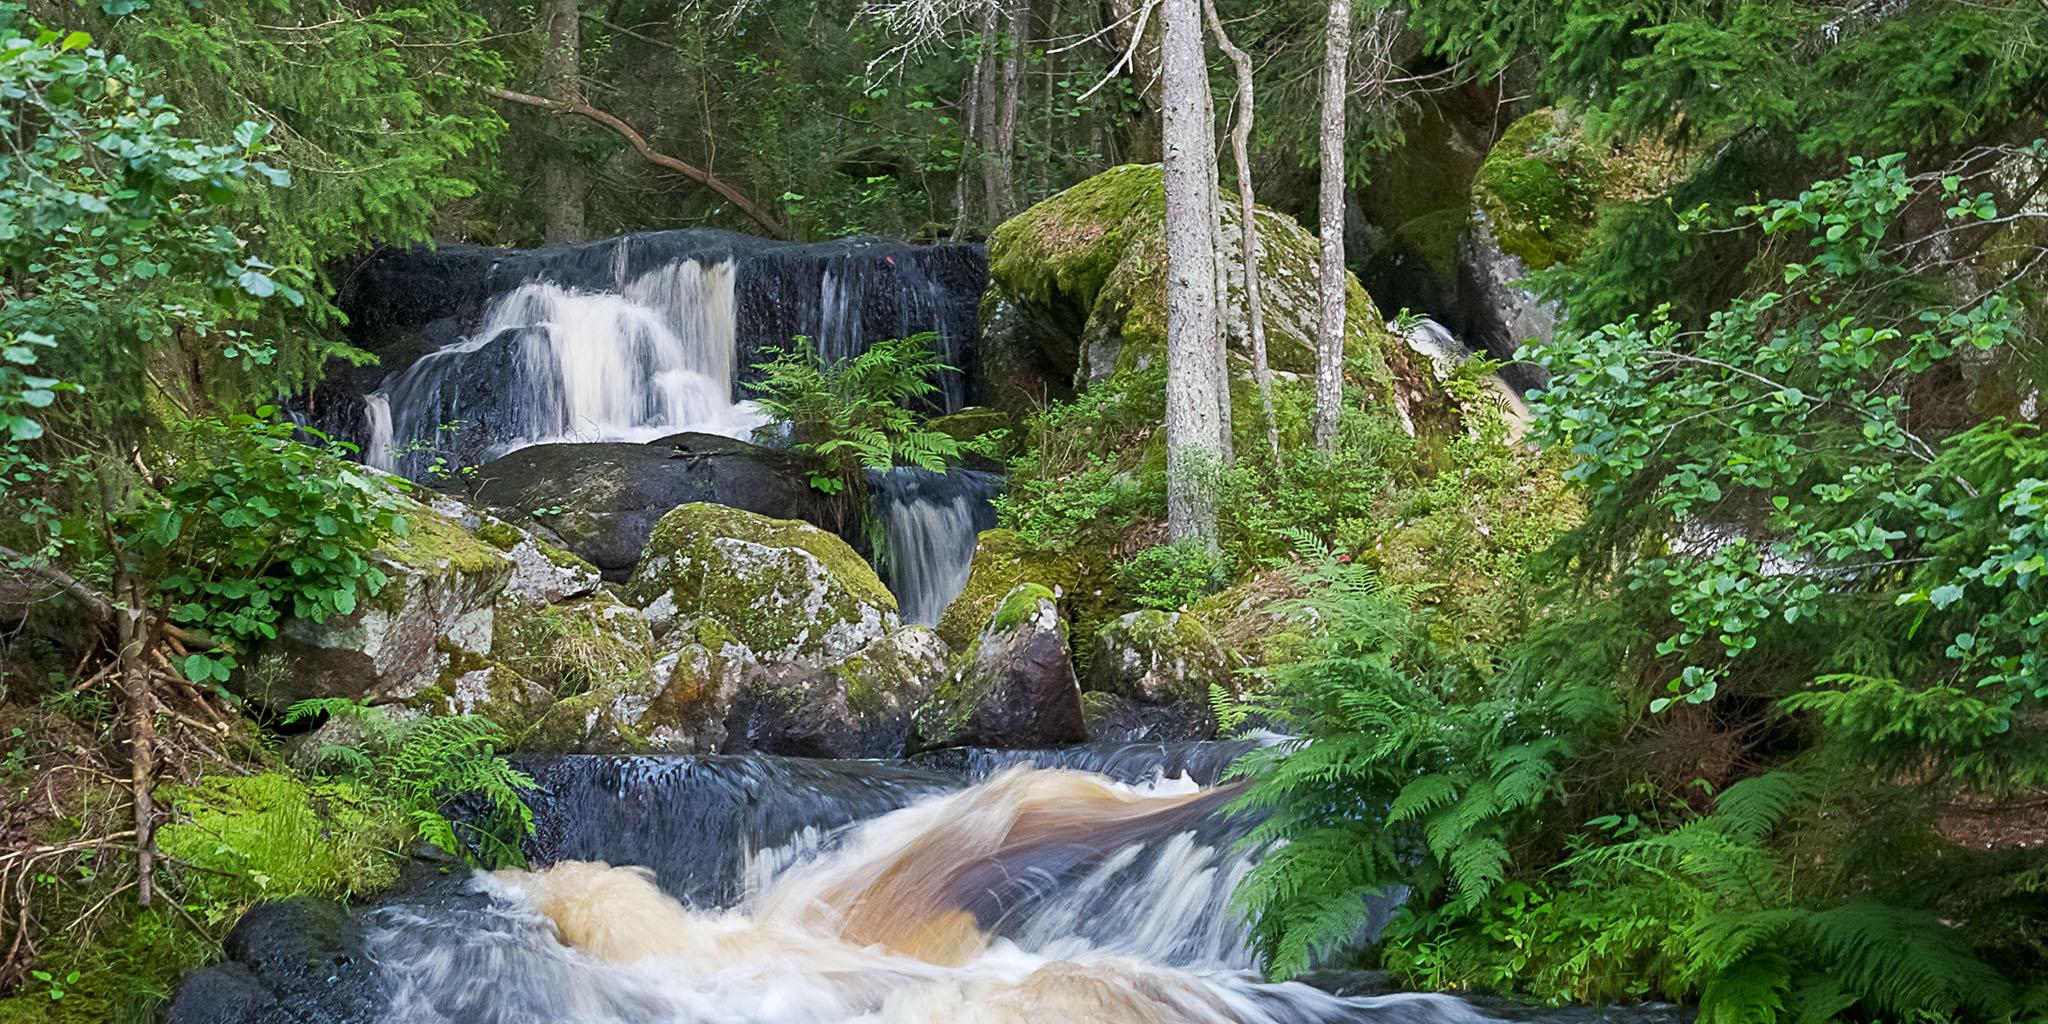 Vatten rinner genom grönskande skog